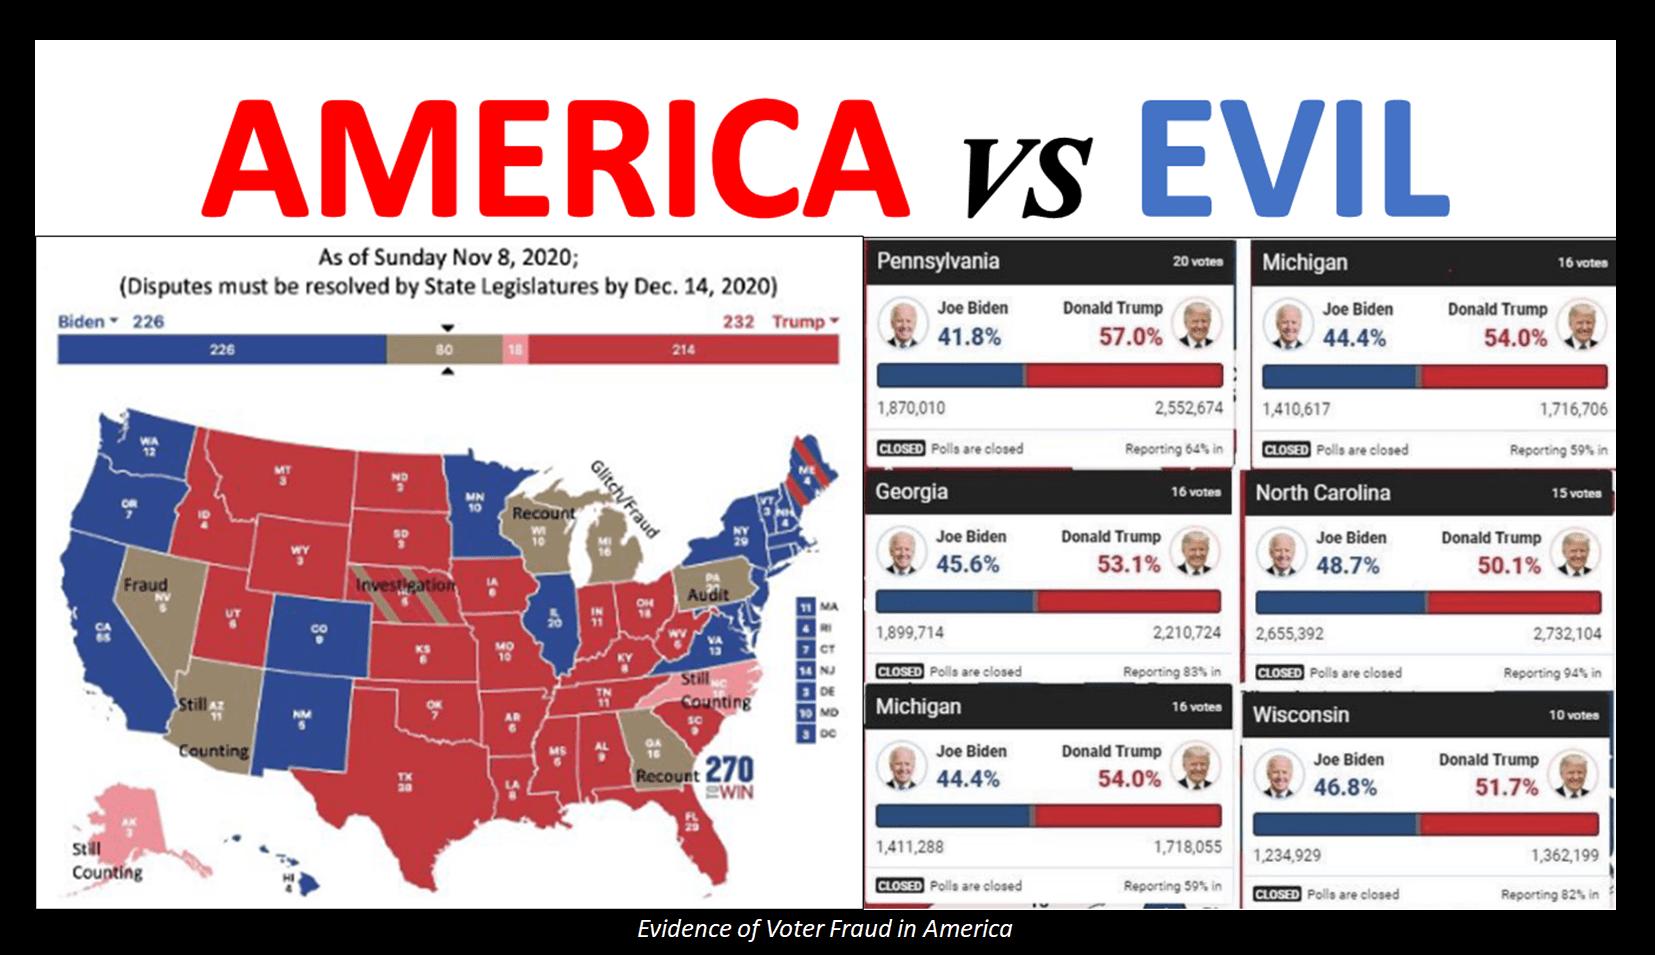 America vs Evil